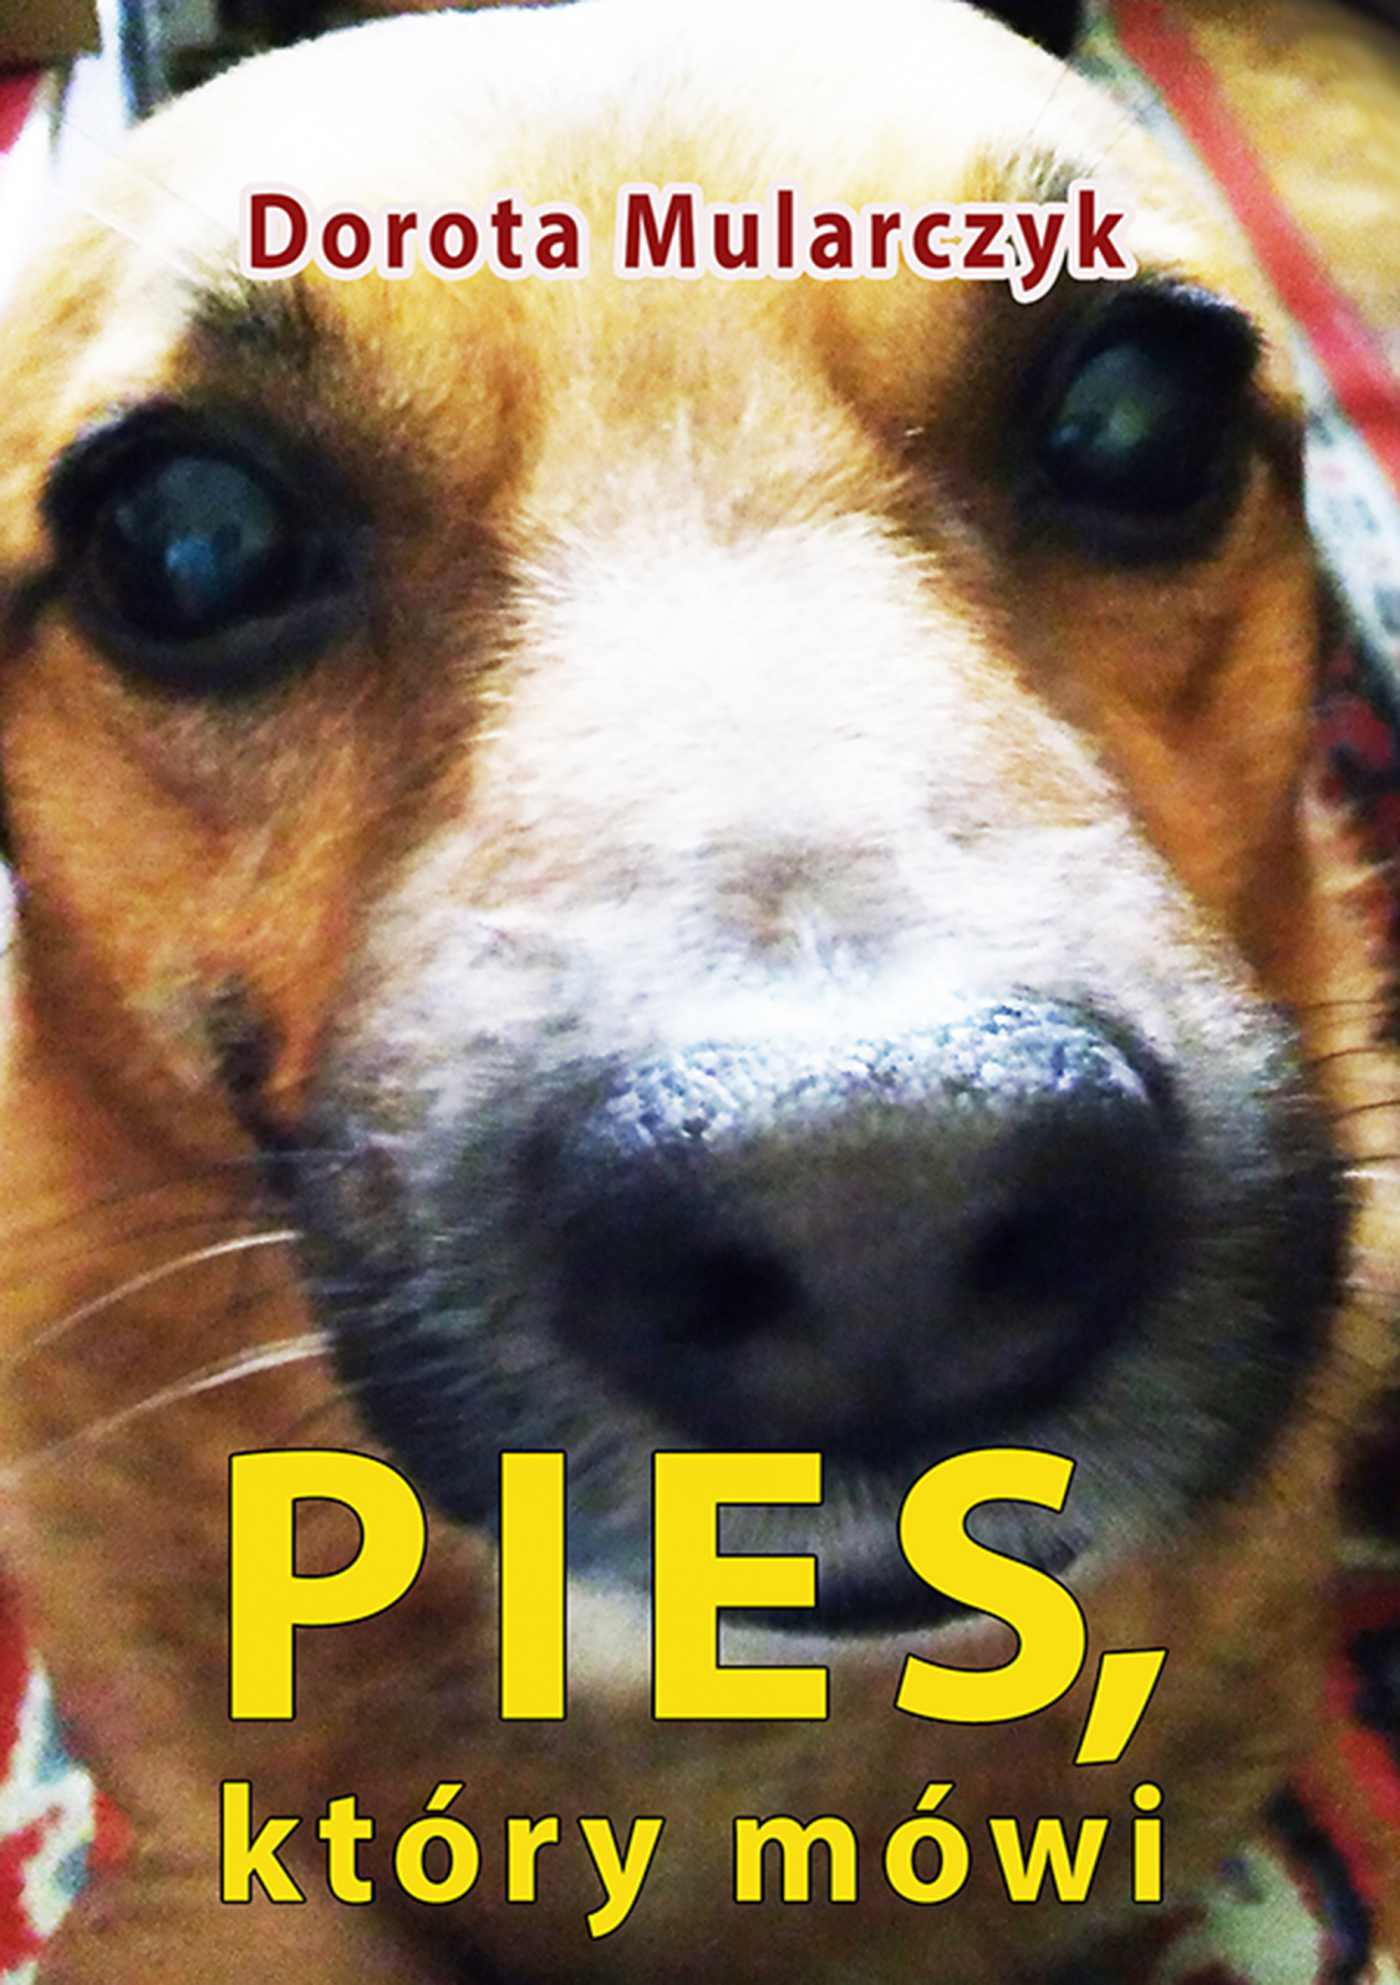 Pies, który mówi - Tylko w Legimi możesz przeczytać ten tytuł przez 7 dni za darmo. - Dorota Mularczyk